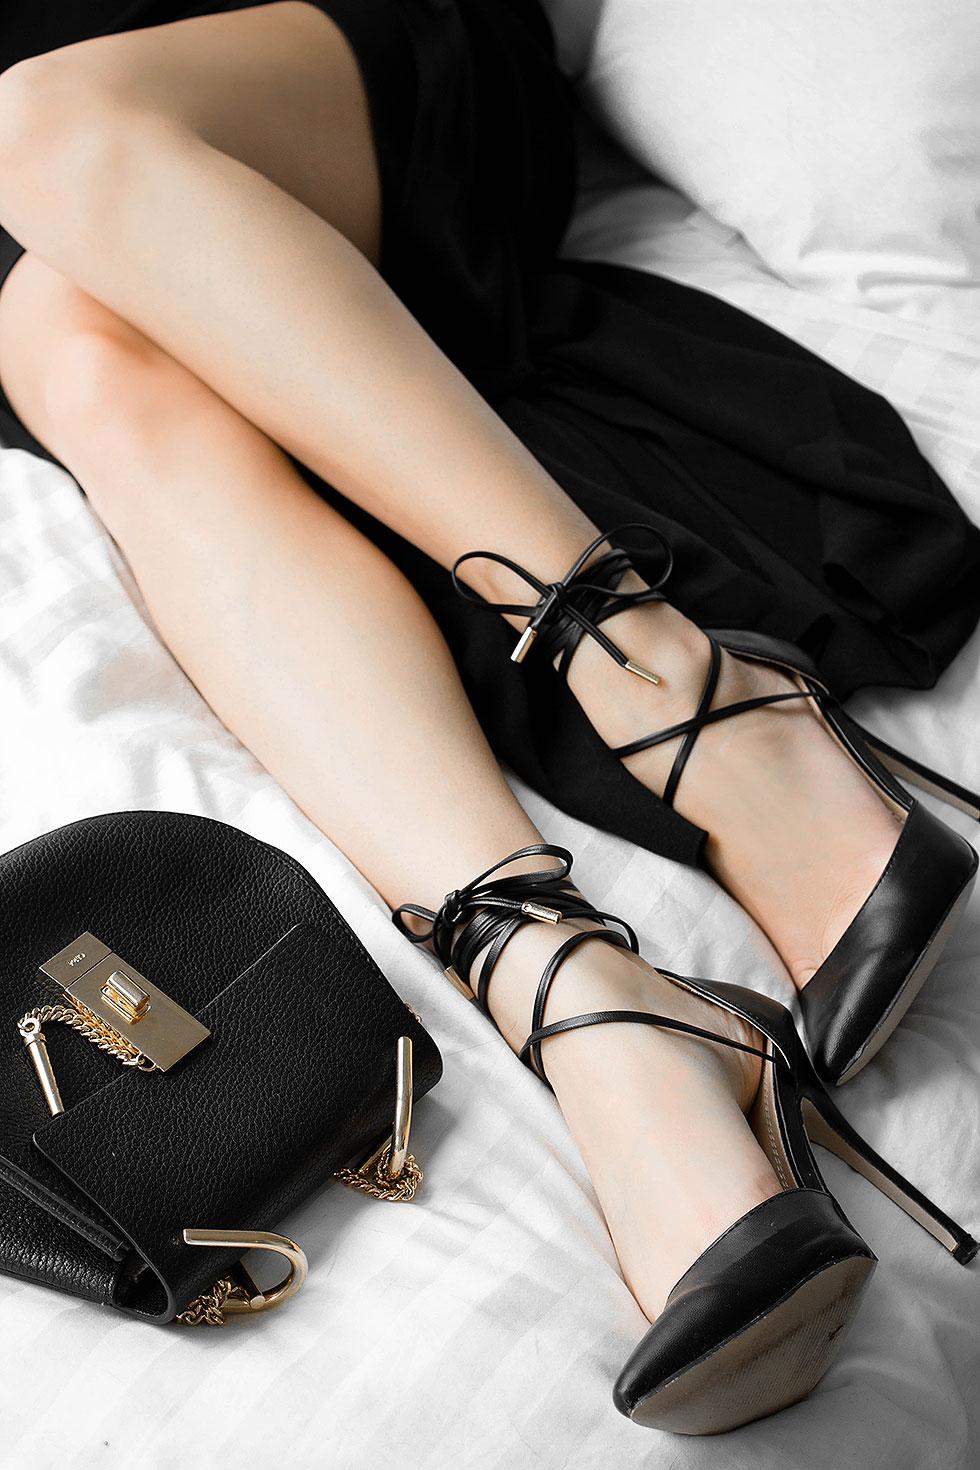 chloe dres bag in black, wraparound ankle tie pumps